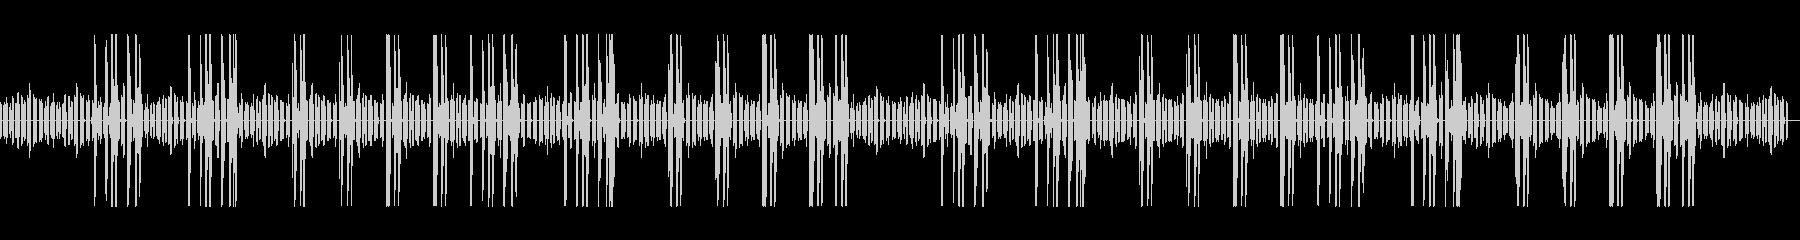 ほのぼのした生活の木琴とリコーダーの未再生の波形